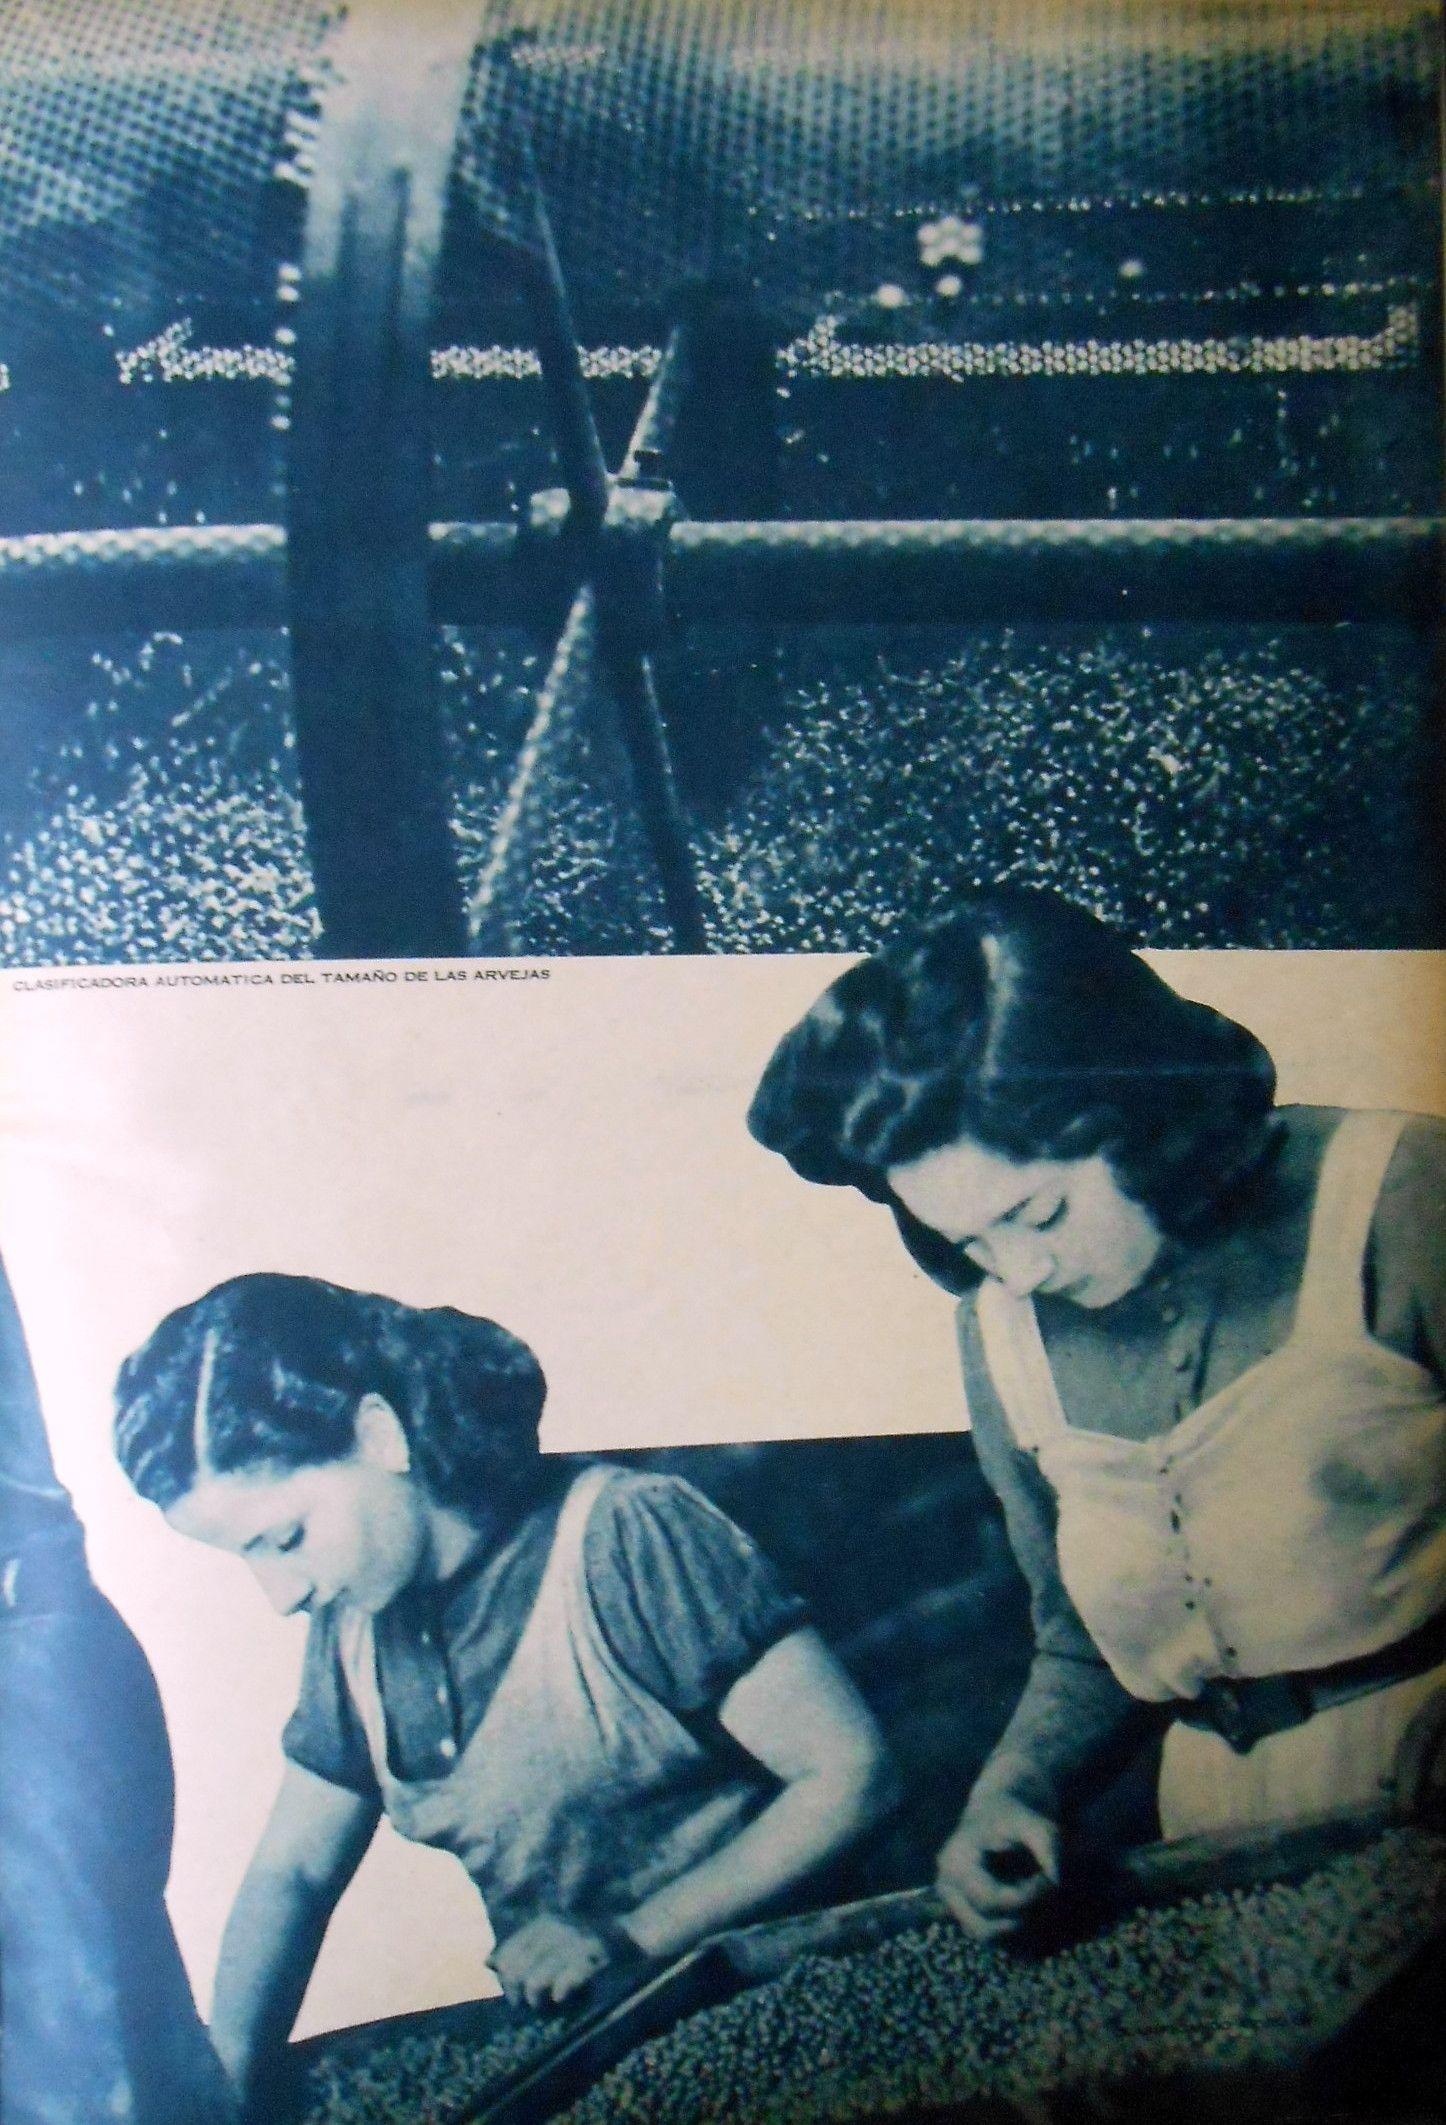 Clasificadora automática del tamaño de la arveja. Fuente: Revista M.A.N., nov-dic 1940.